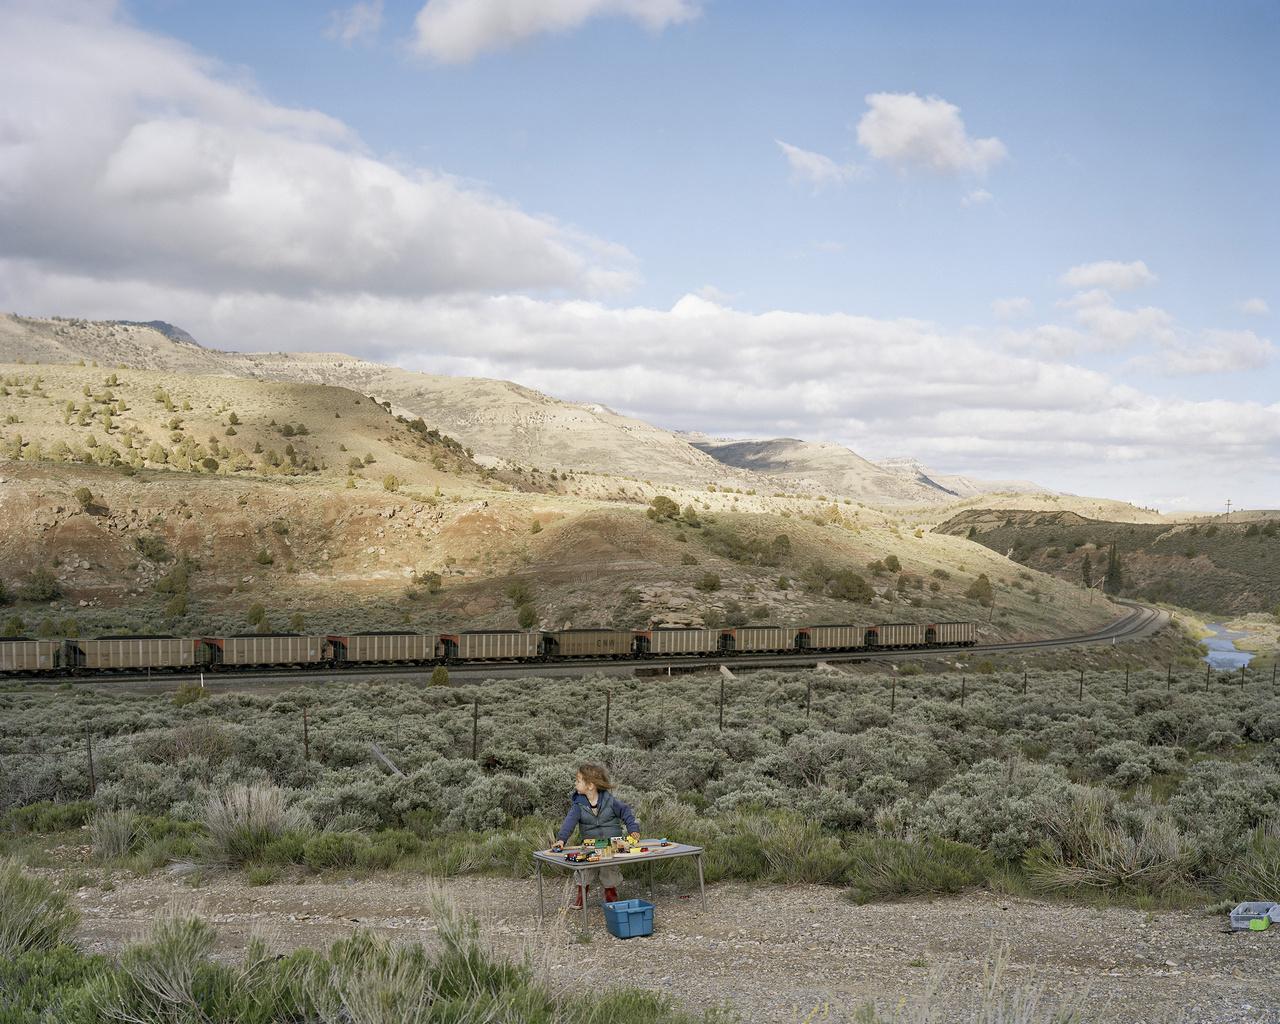 A vonatok iránti rajongás a hátsó ülésen felnövő fiától jött. Caspernek élete első hat évében az út volt a természetes otthona, lakókocsijukat például mamaautónak kezdte hívni, és - mint minden rendes gyerek - imádta a végtelen tájat átszelő hatalmas vonatokat.